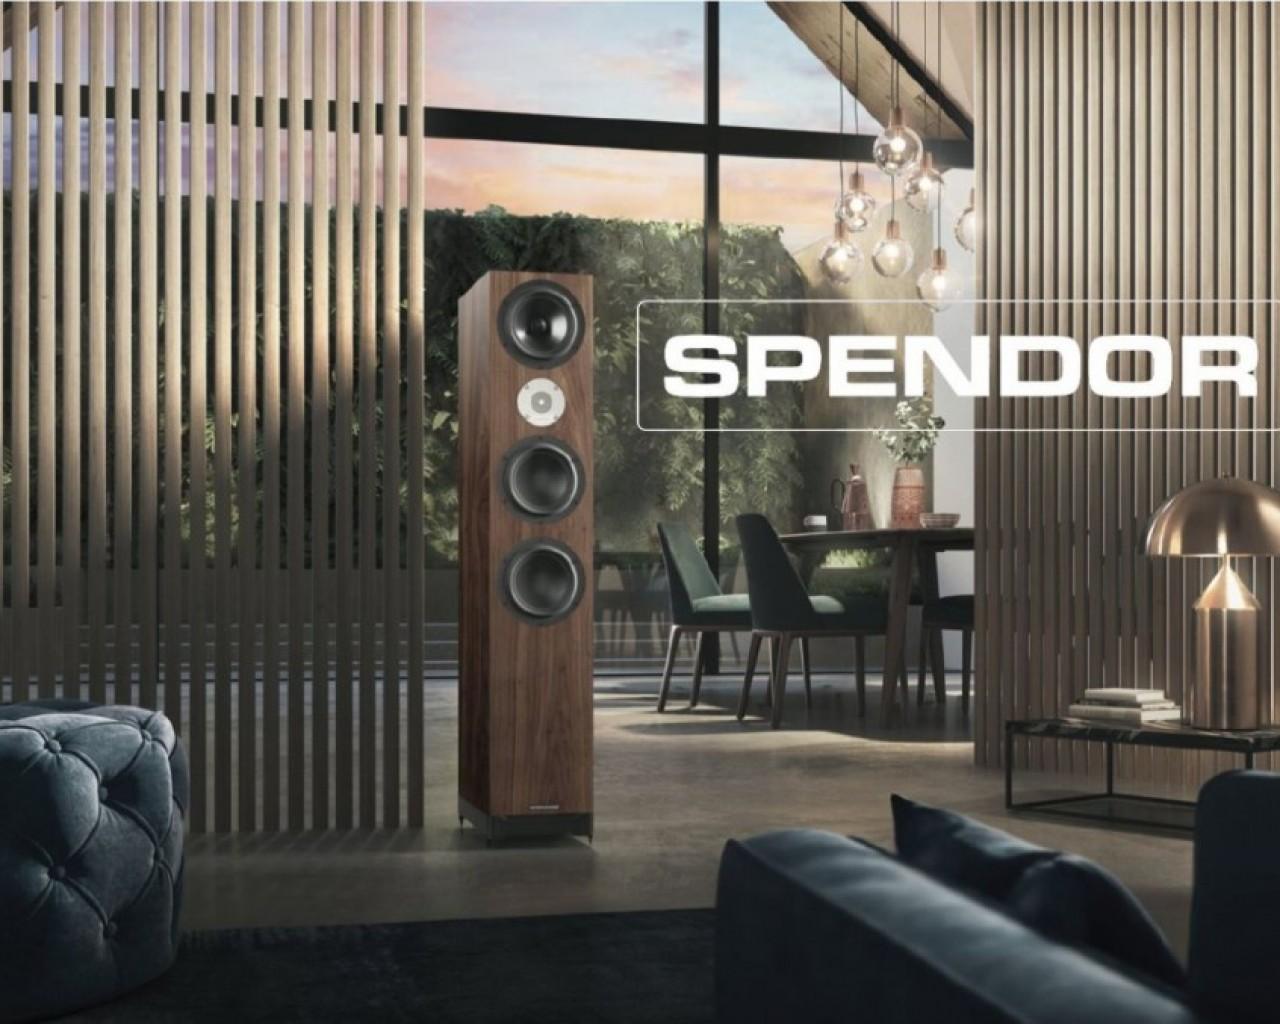 spendor(4)